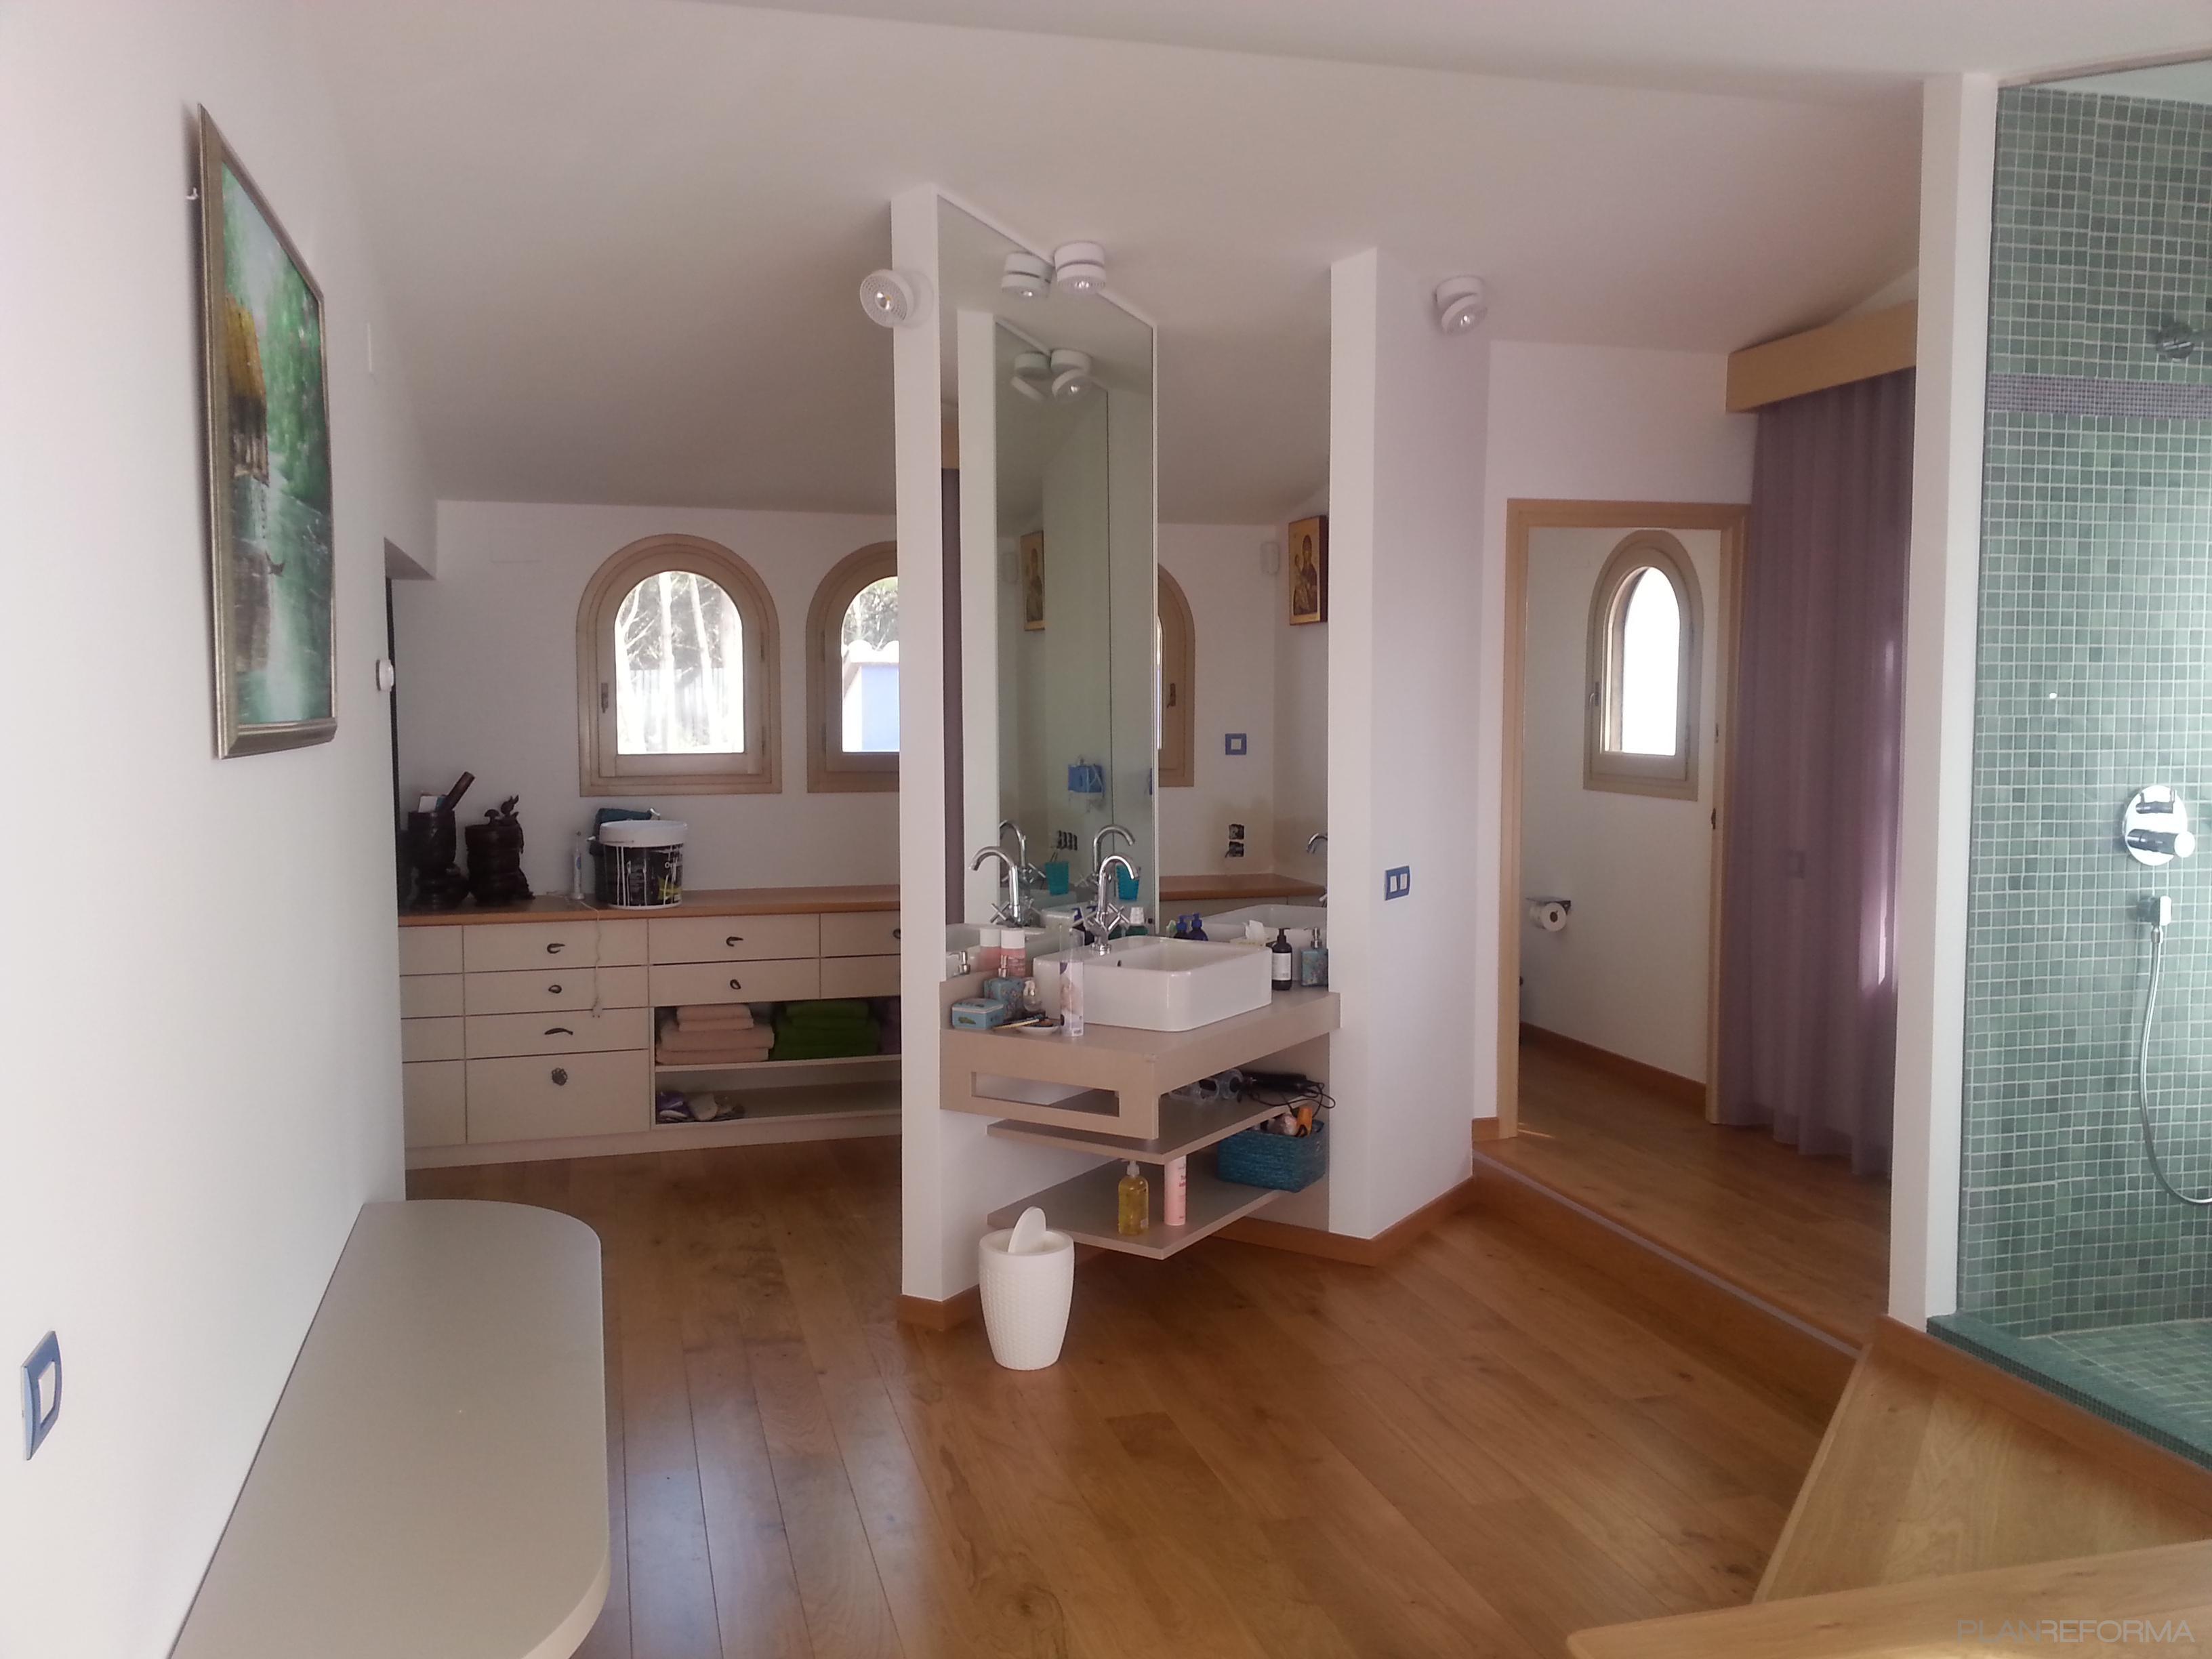 La gran filmoteca de los arquitectos el blog de plan - Tocador moderno dormitorio ...